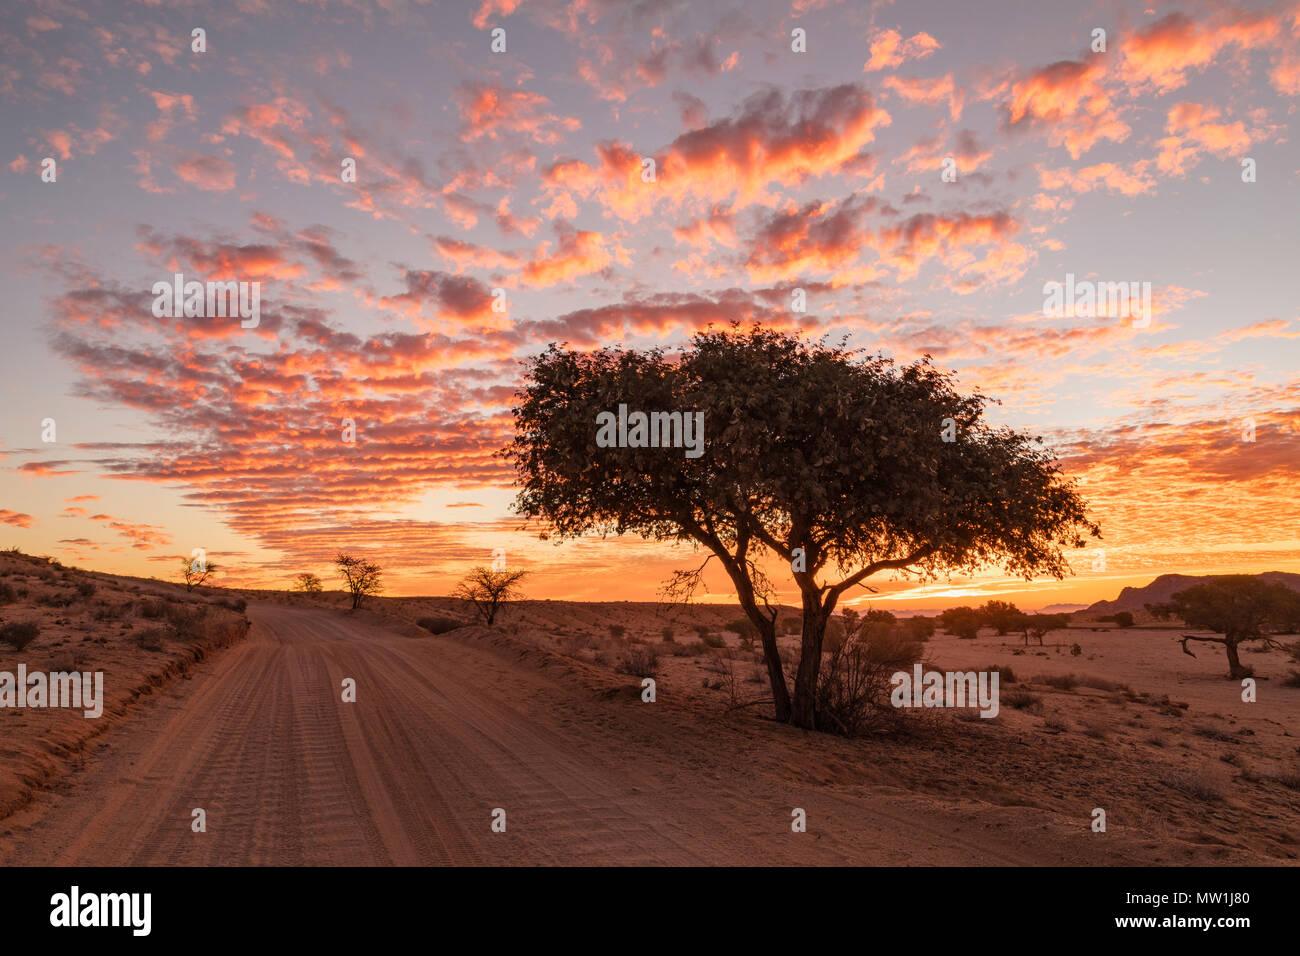 Aus, Namibie, Afrique du Sud Photo Stock